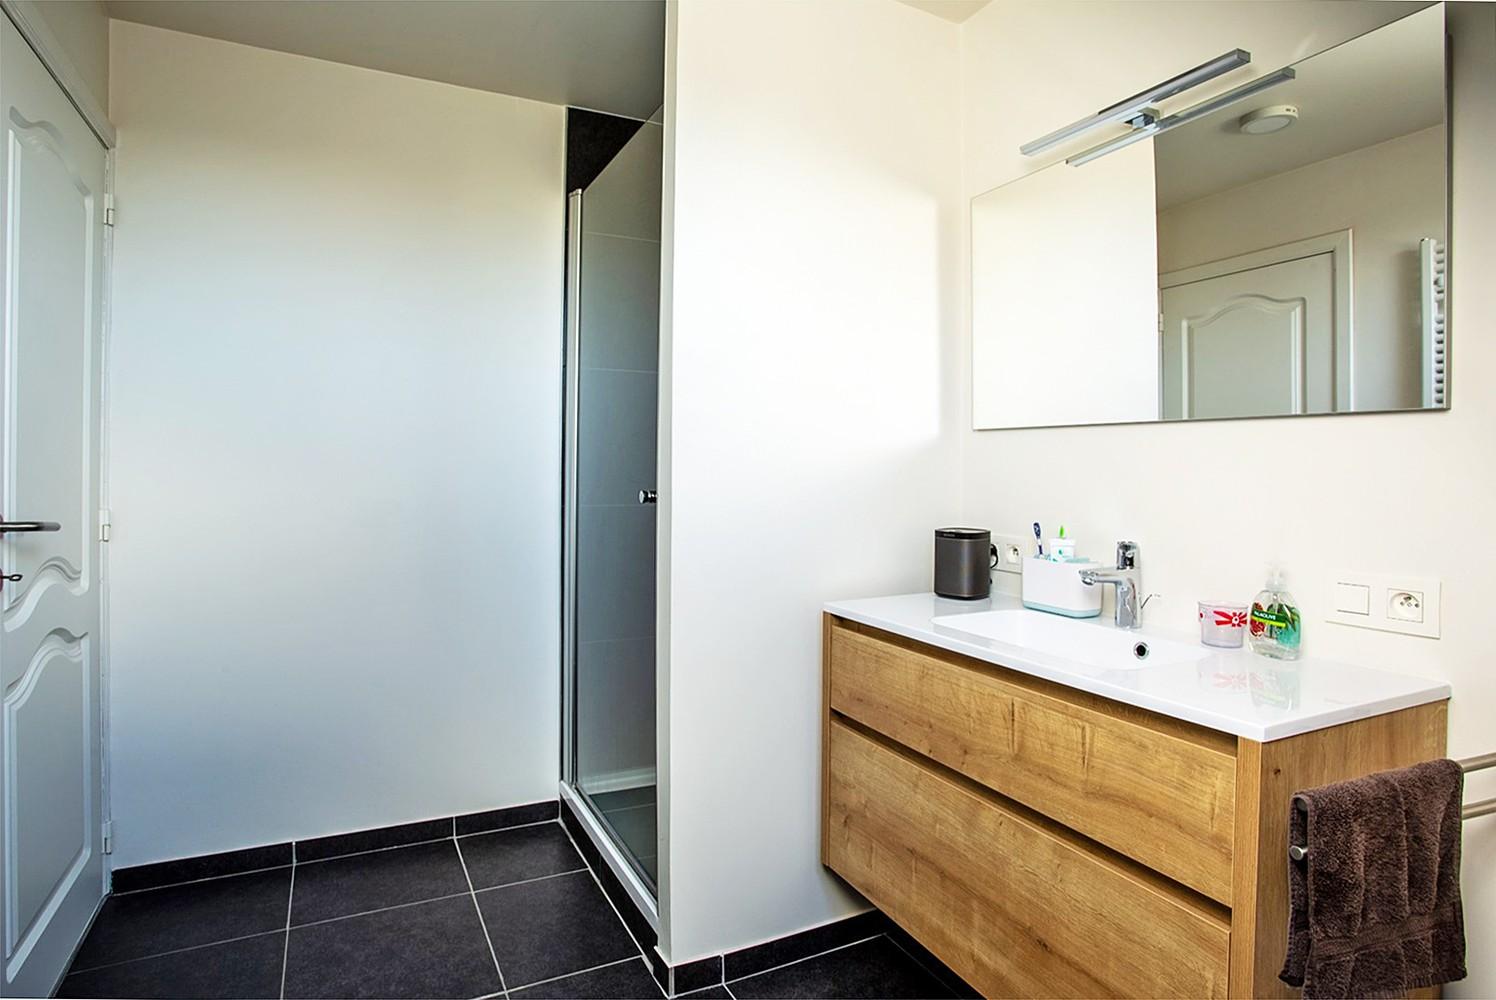 Verrassend ruim, lichtrijk appartement met 3 slaapkamers in hartje Broechem! afbeelding 12